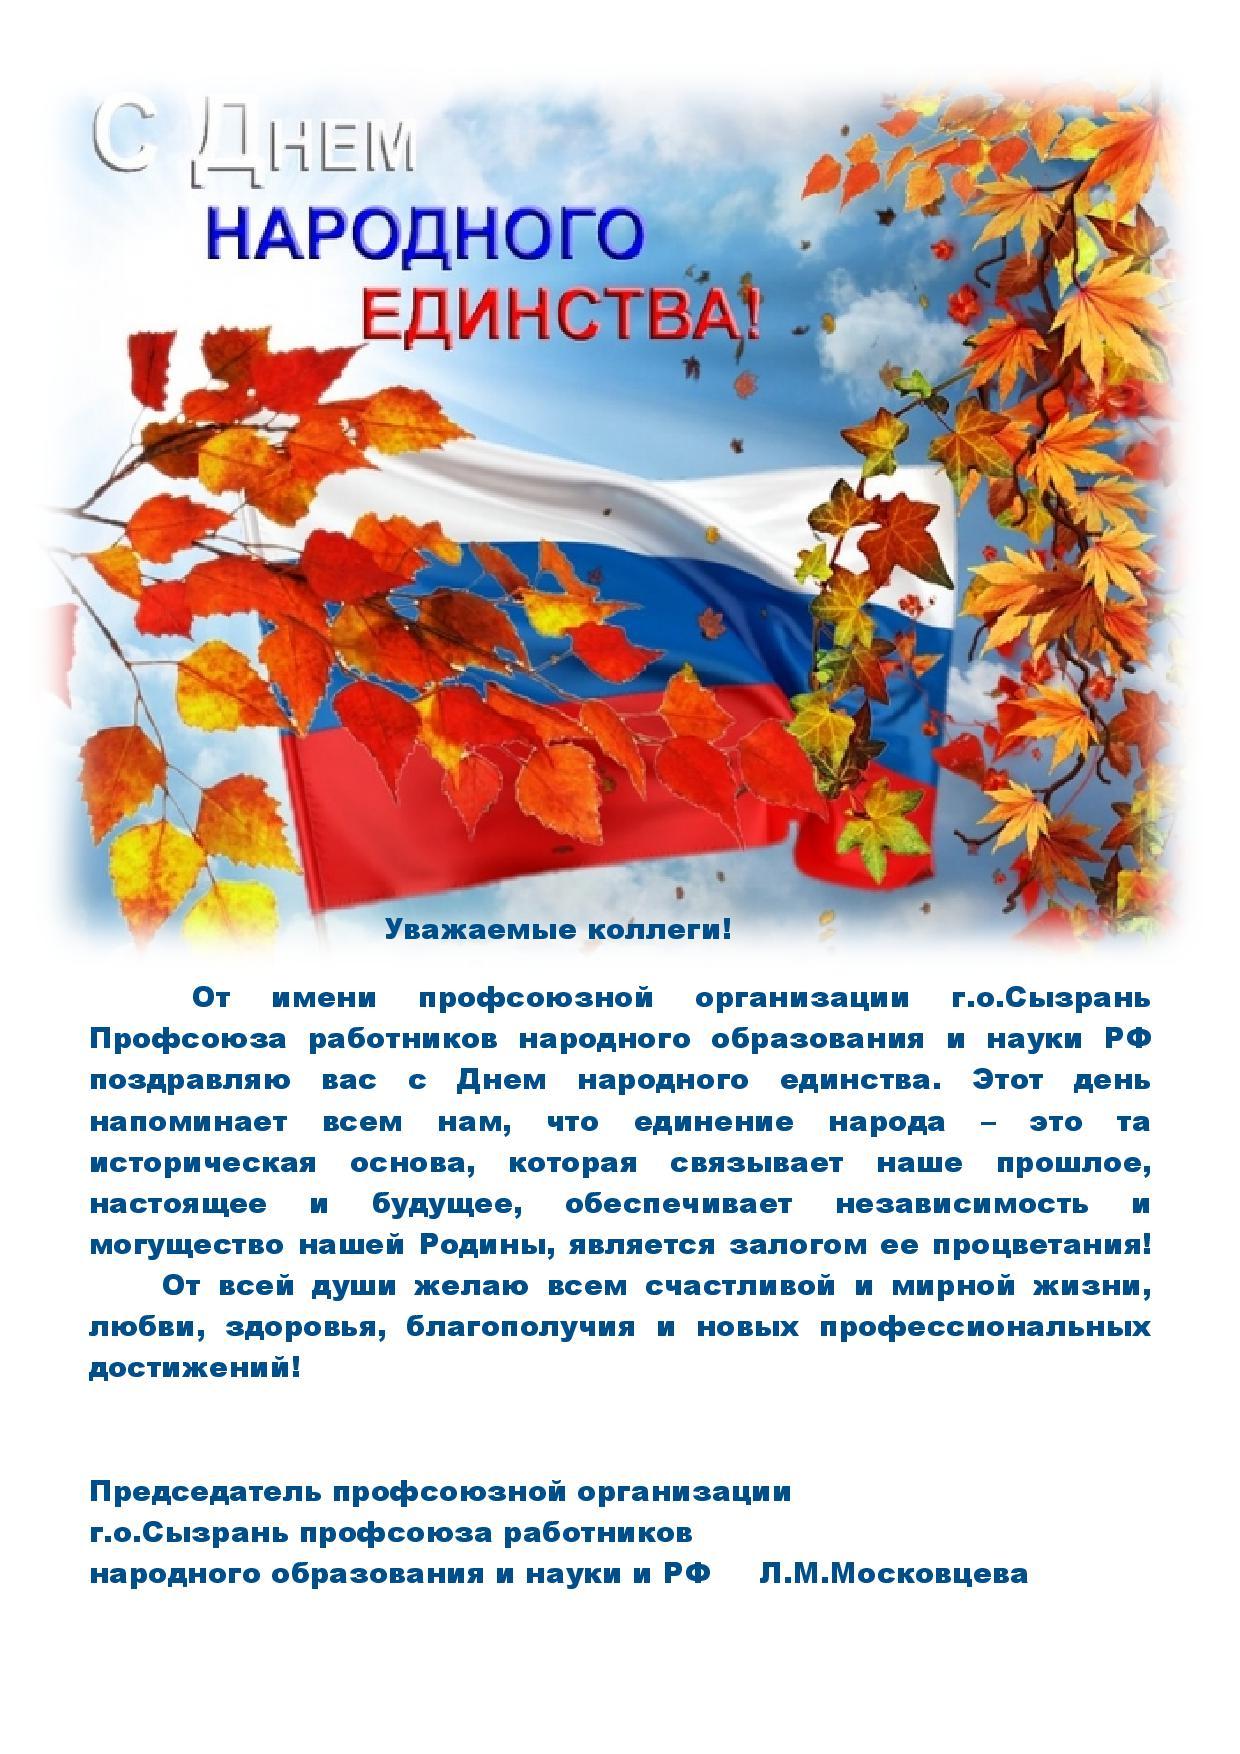 Поздравление в прозе на день народного единства 192